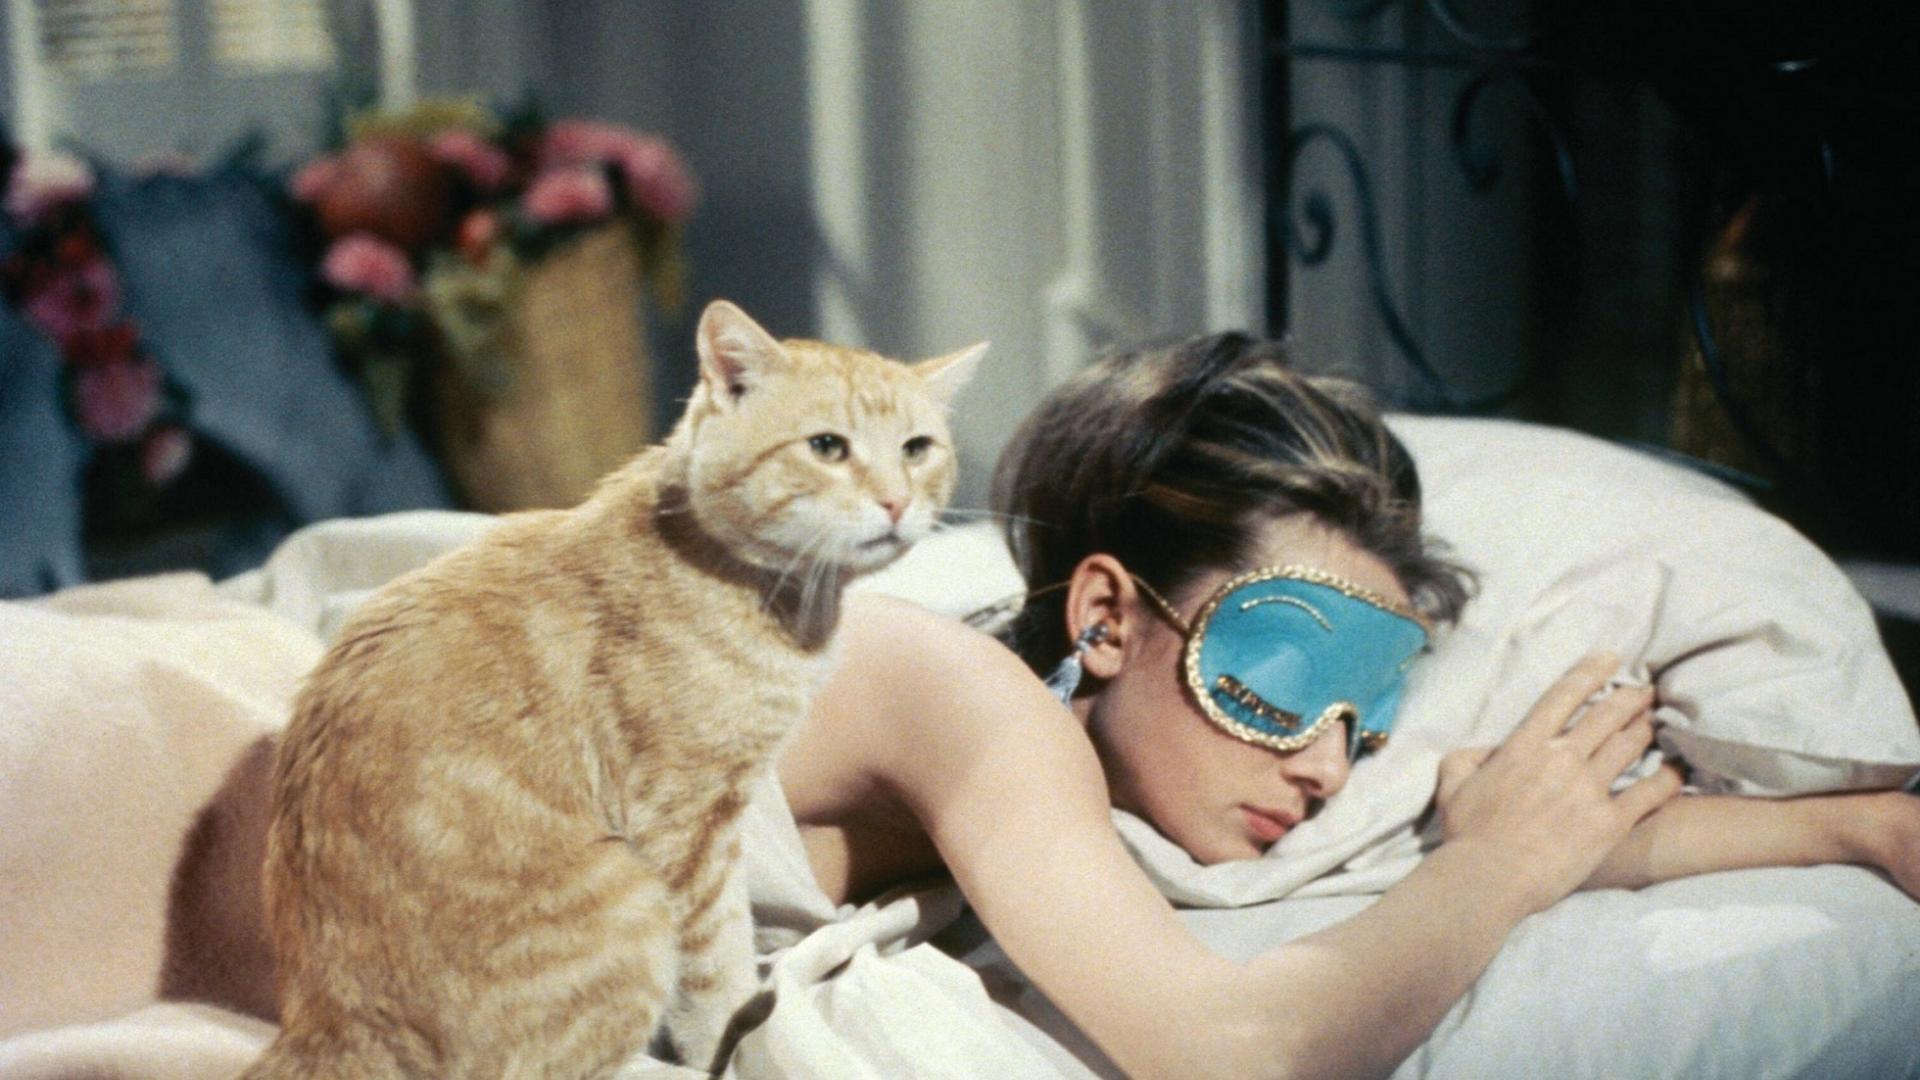 Audrey Hepburn schlafend auf dem Bett mit Katze